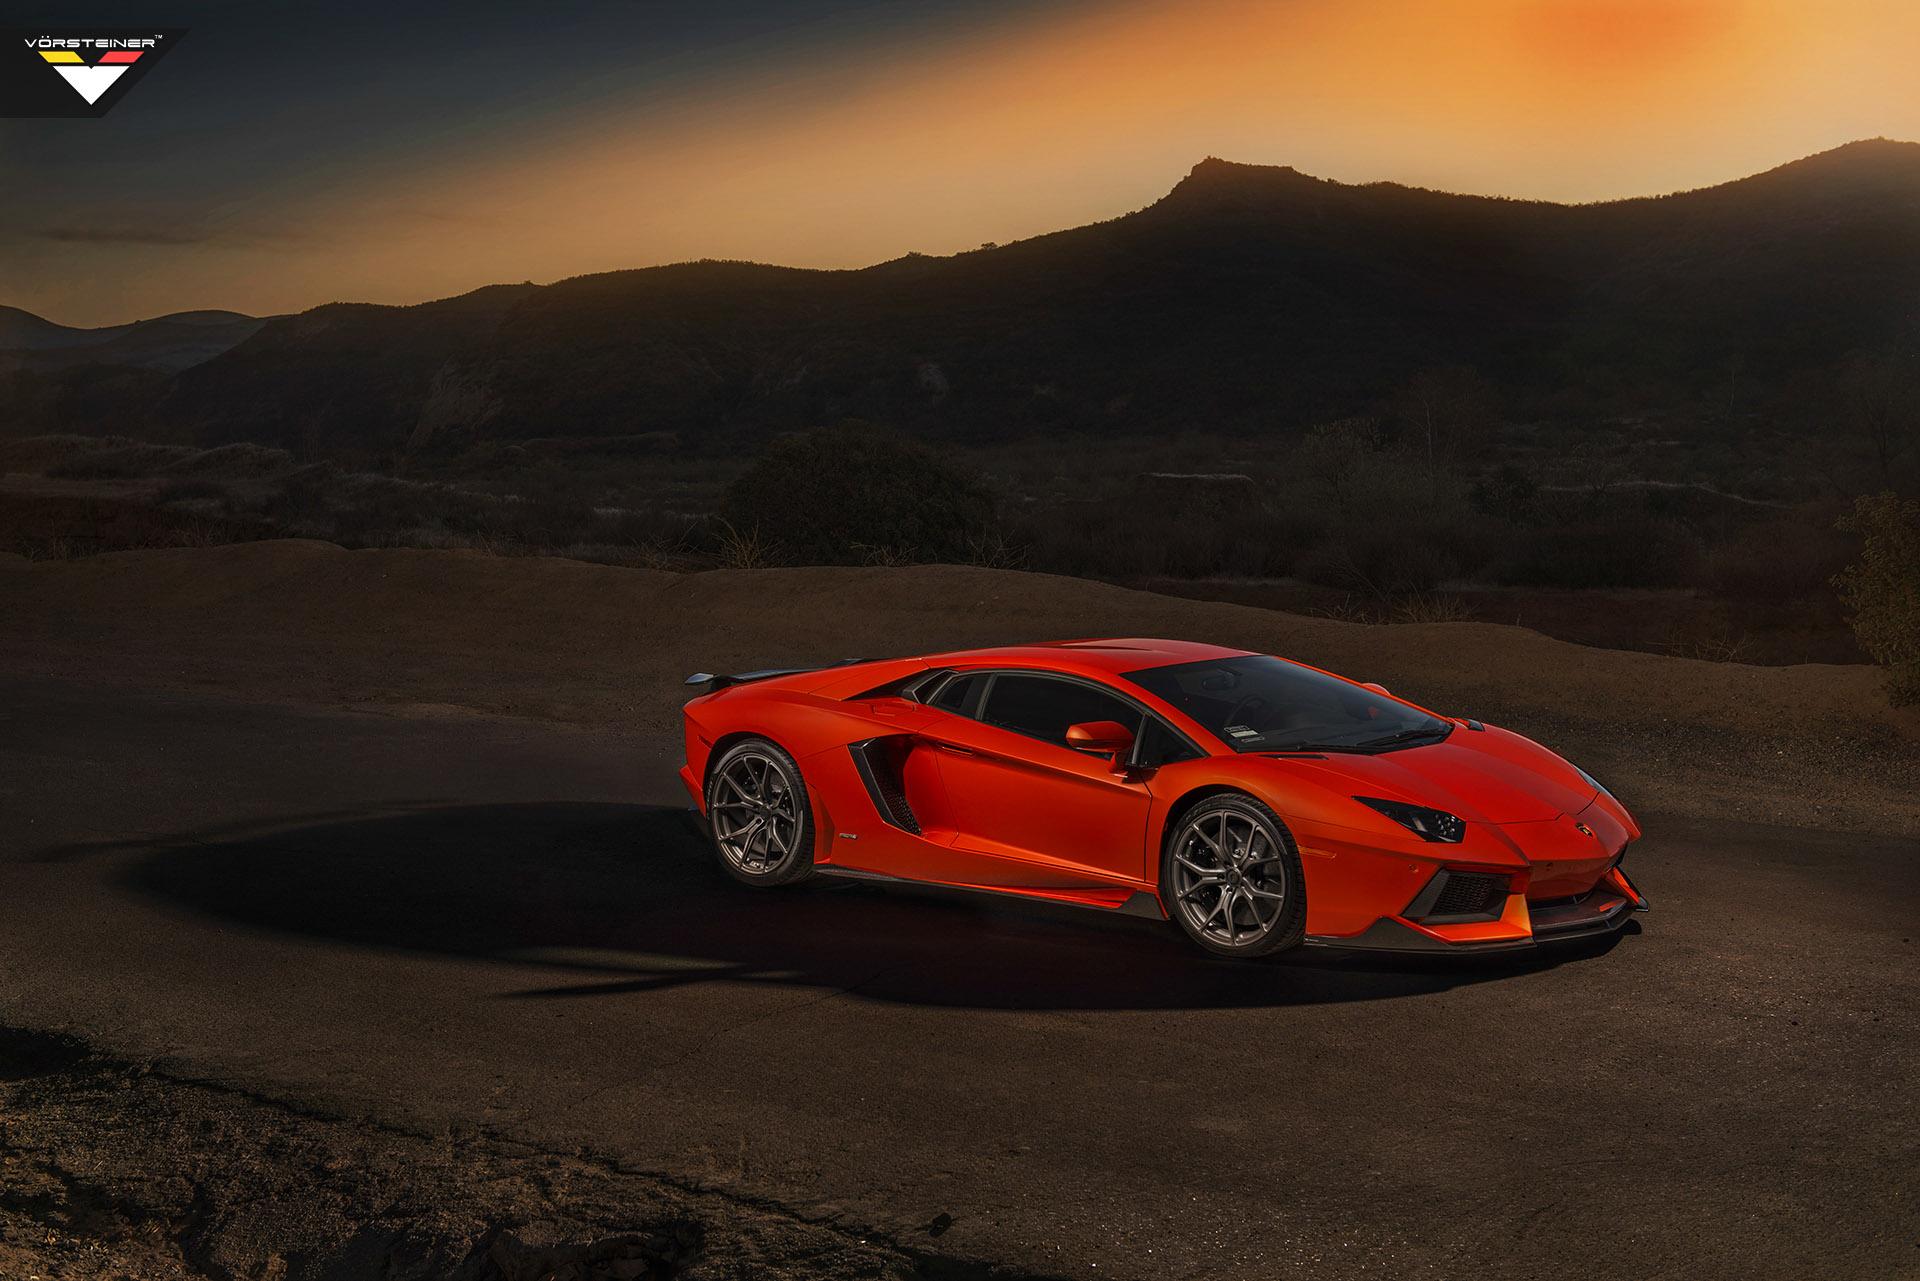 2014 Vorsteiner Lamborghini Aventador V Lp 740 Picture 92756